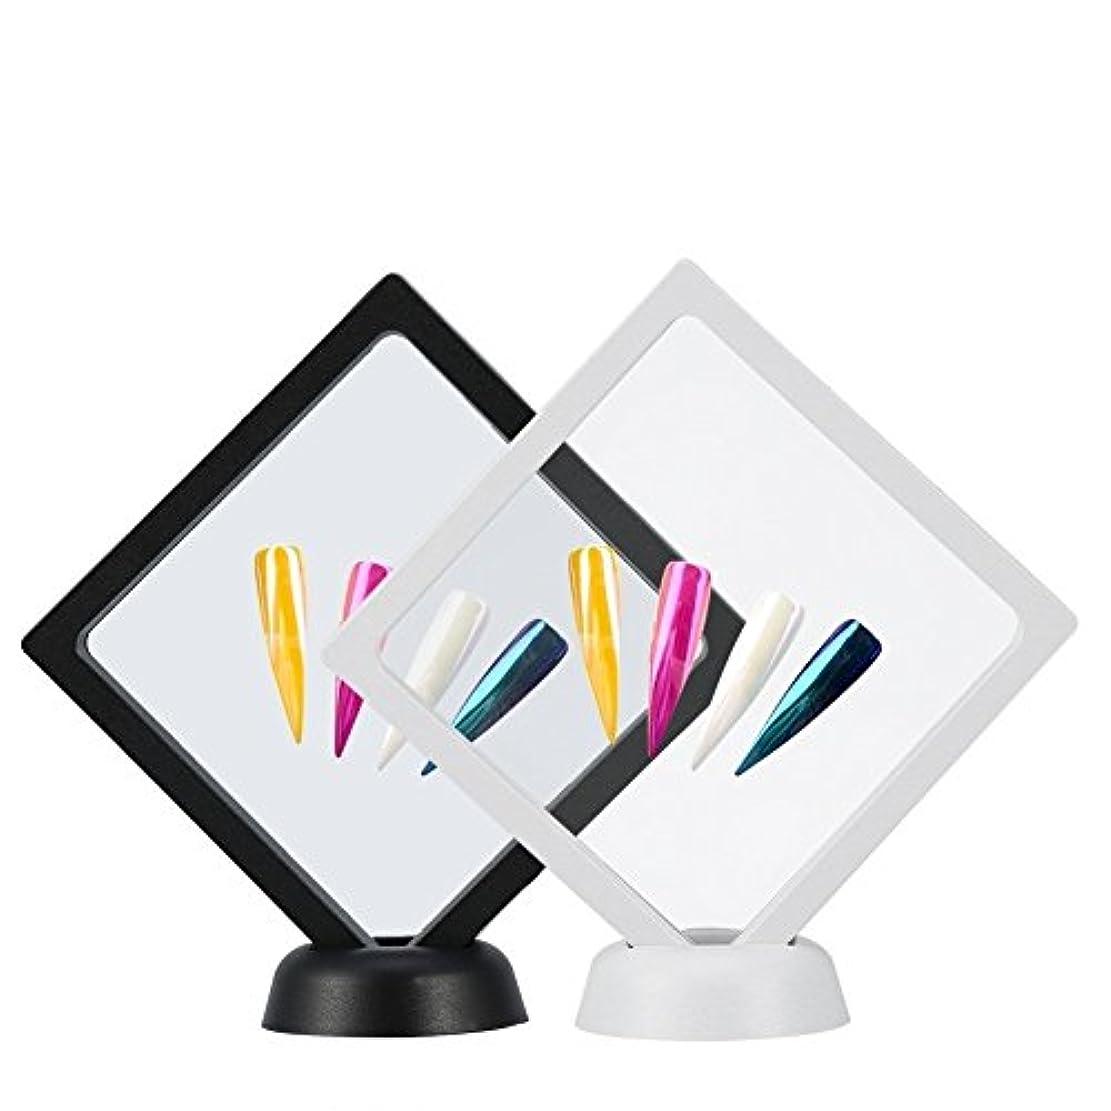 敬礼硬い敵Yosoo 2個入り ネイルチップ ディスプレイ スタンド マニキュア ネイルサンプル ホルダー ネイルカラーチャート ネイルテンプレート ネイルケア ネイルアートツール 組立て式 白+黒 展示用 自宅 サロン